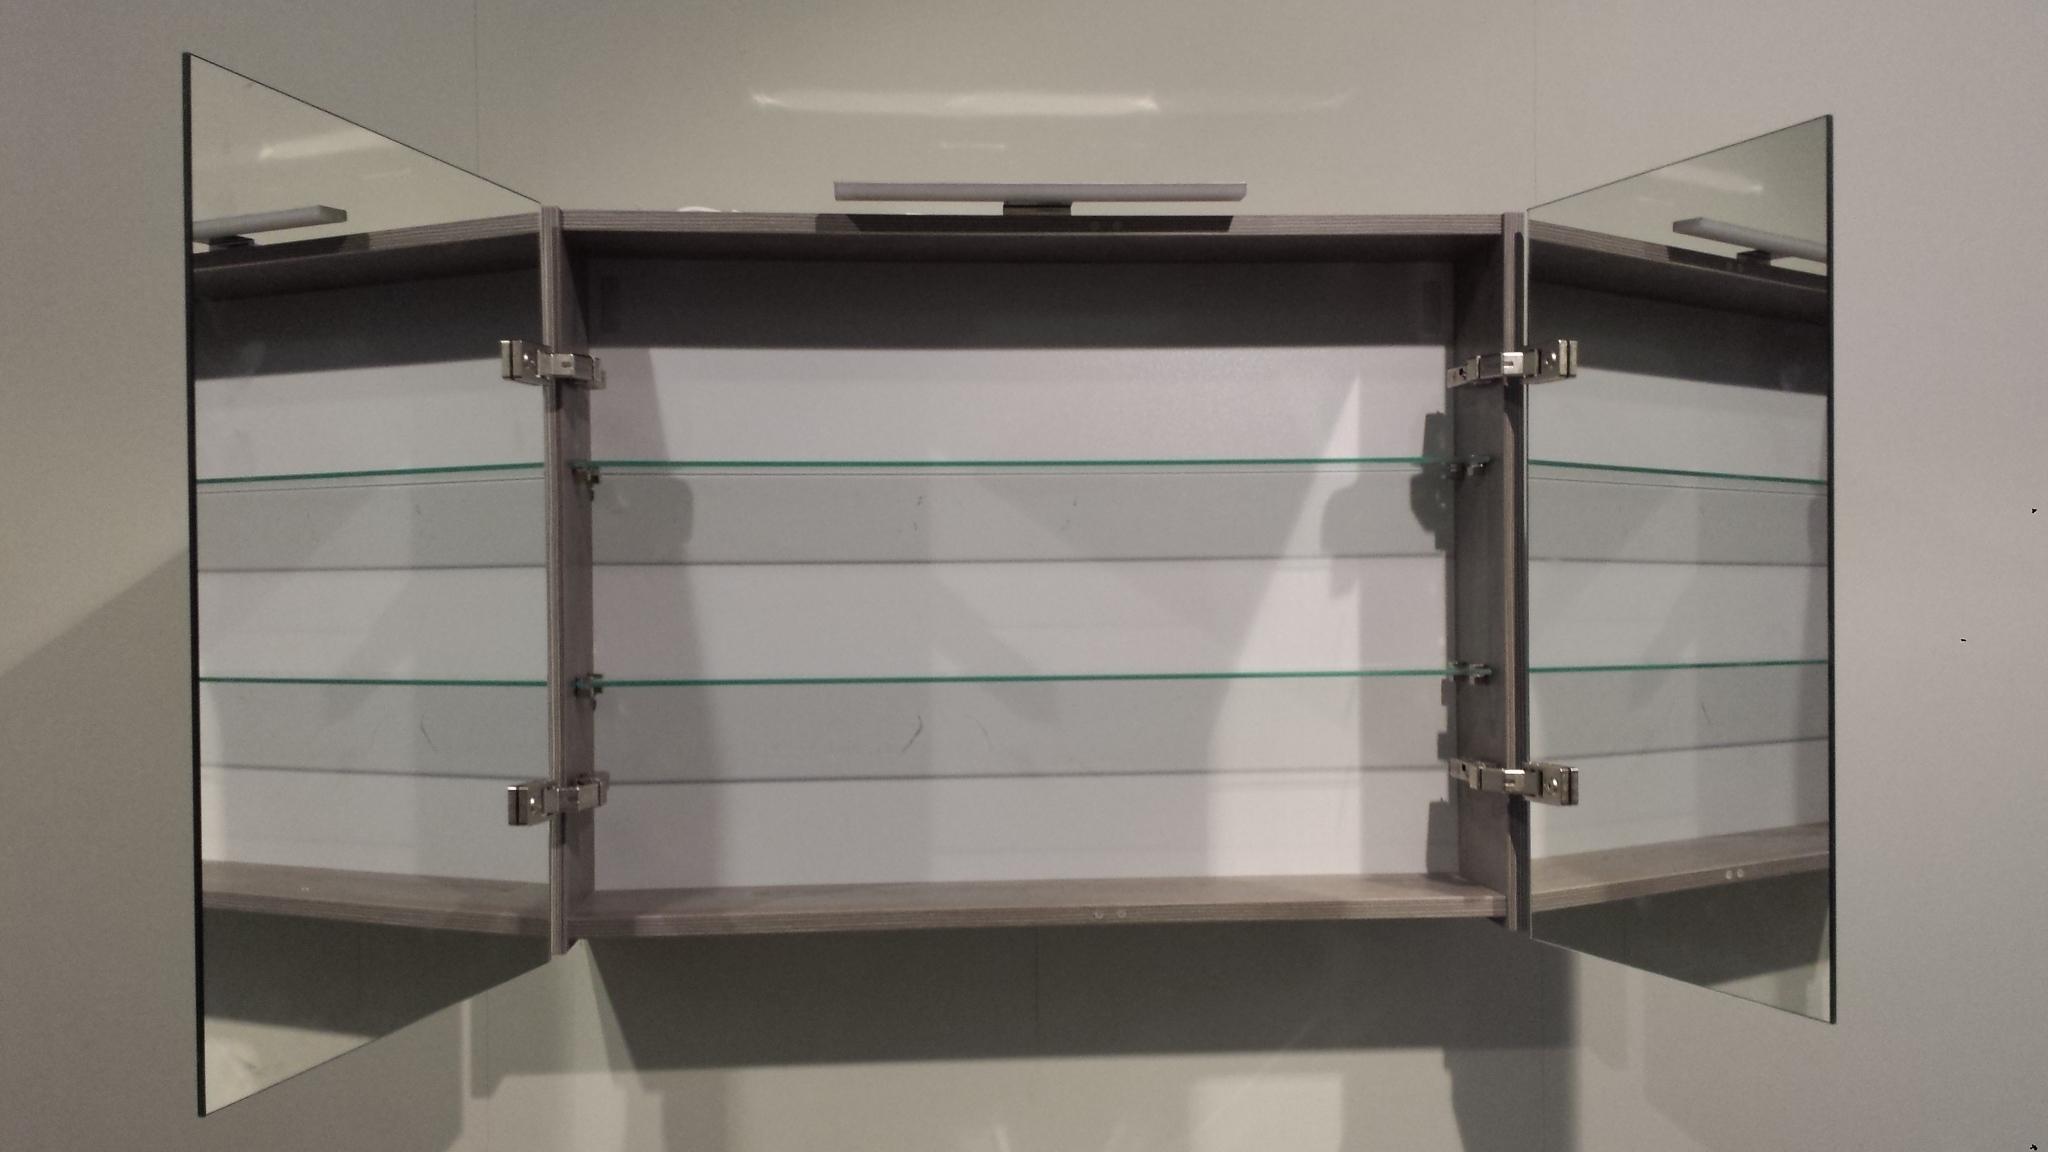 Specchi da bagno moderni mobile da bagno moderno titan cm color weng in offerta with specchi da - Specchi bagno moderni ...